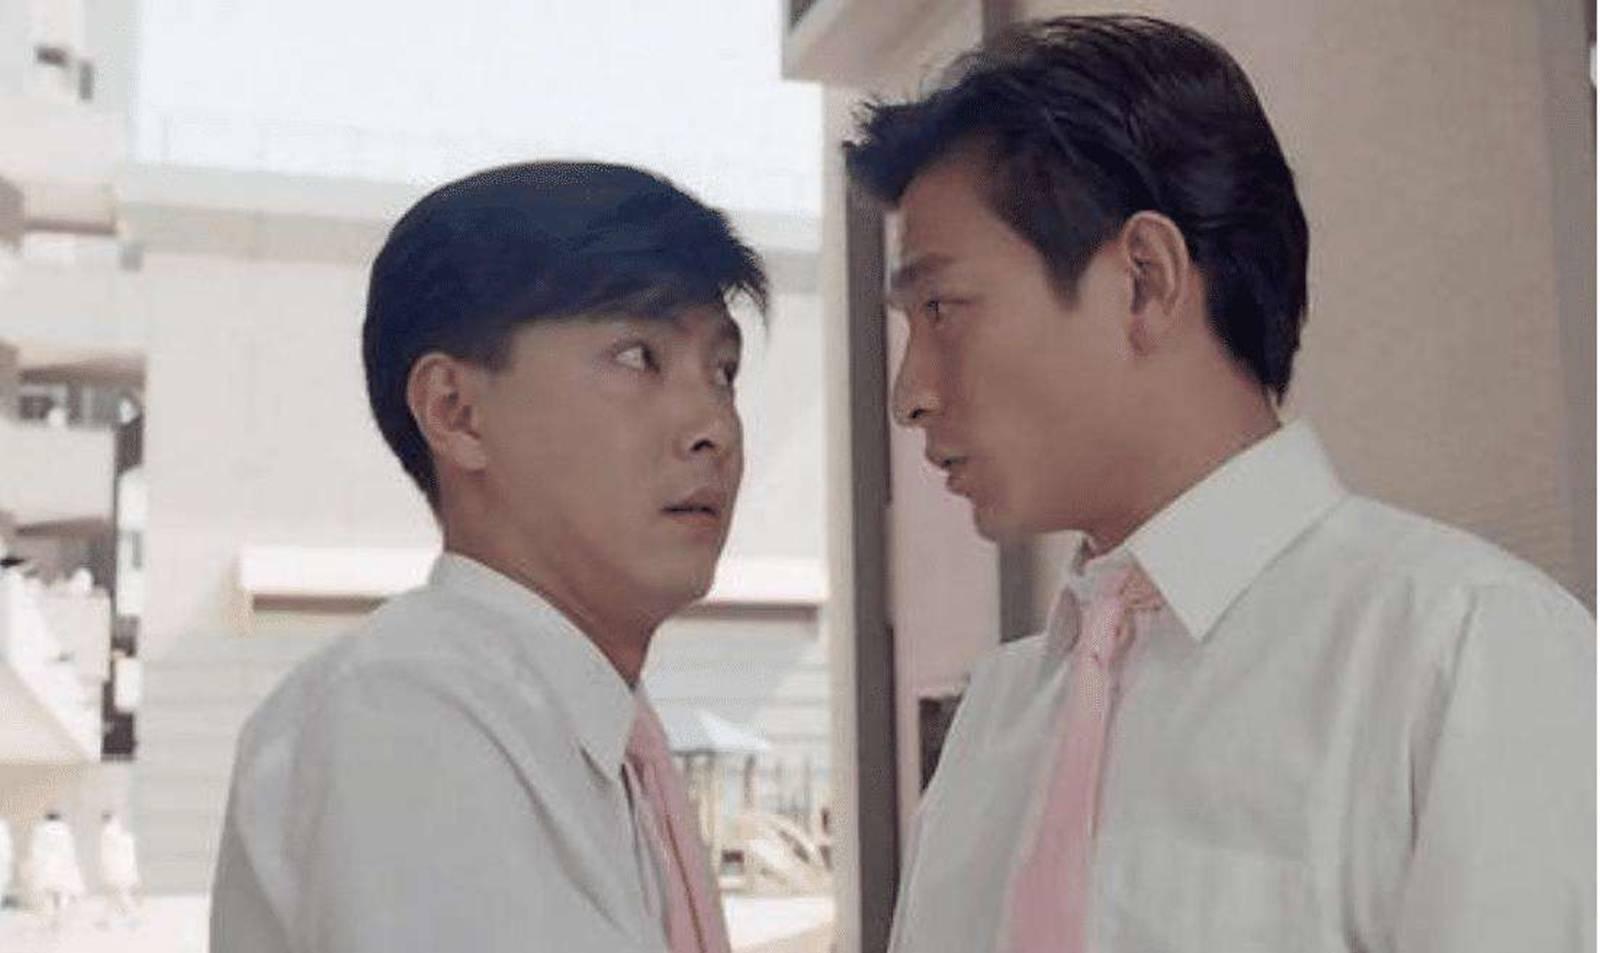 投资|张卫健和刘德华的关系有多好?只因当年投资破产,只有他肯帮自己